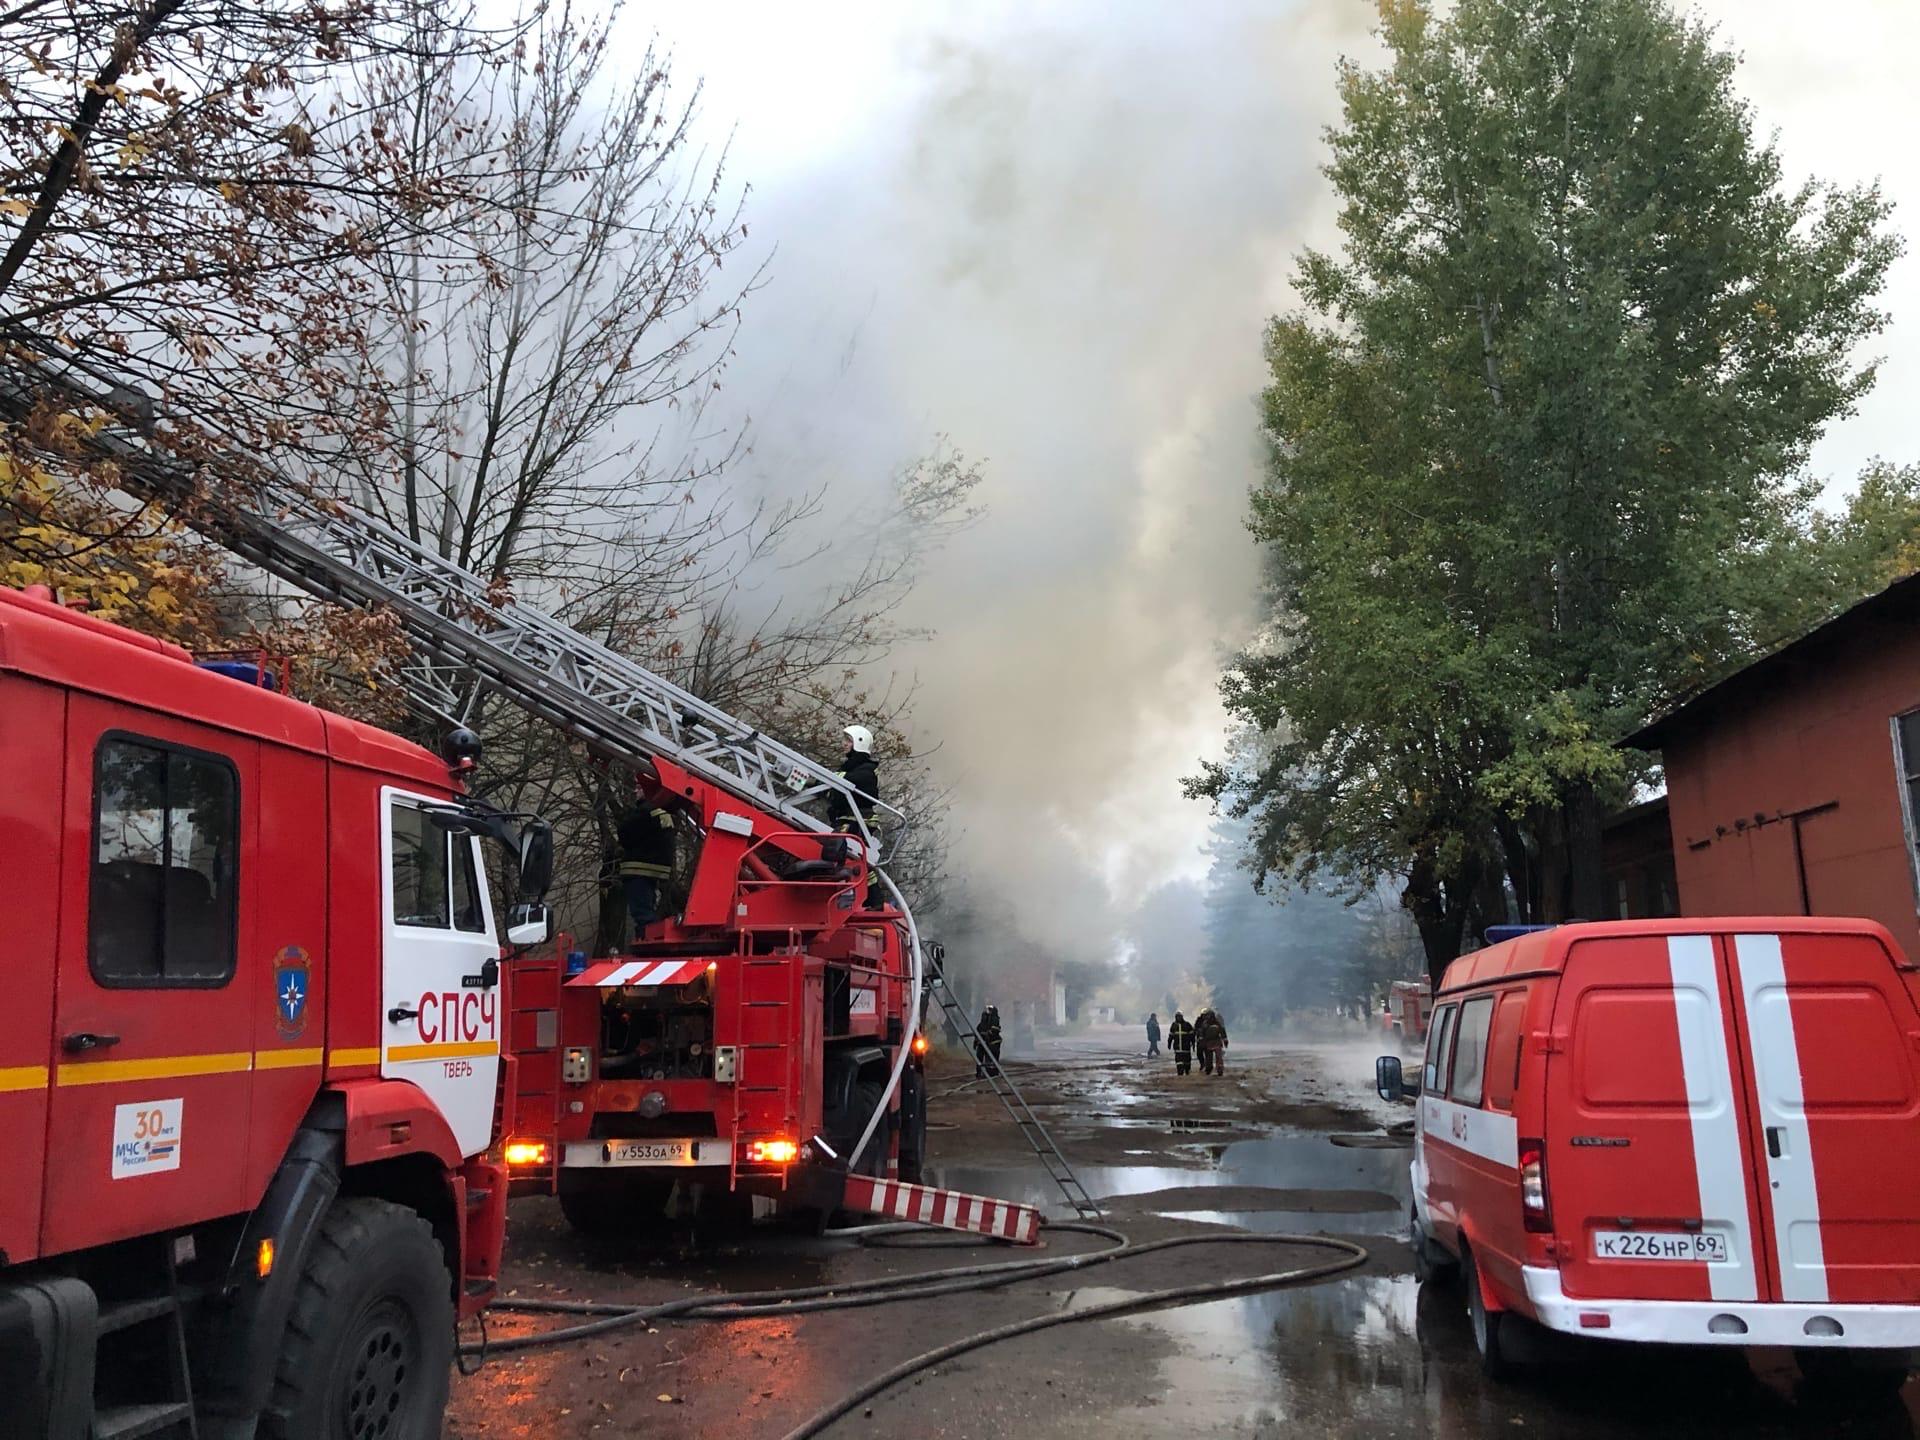 Появилось видео с сильнейшего пожара в промзоне Твери